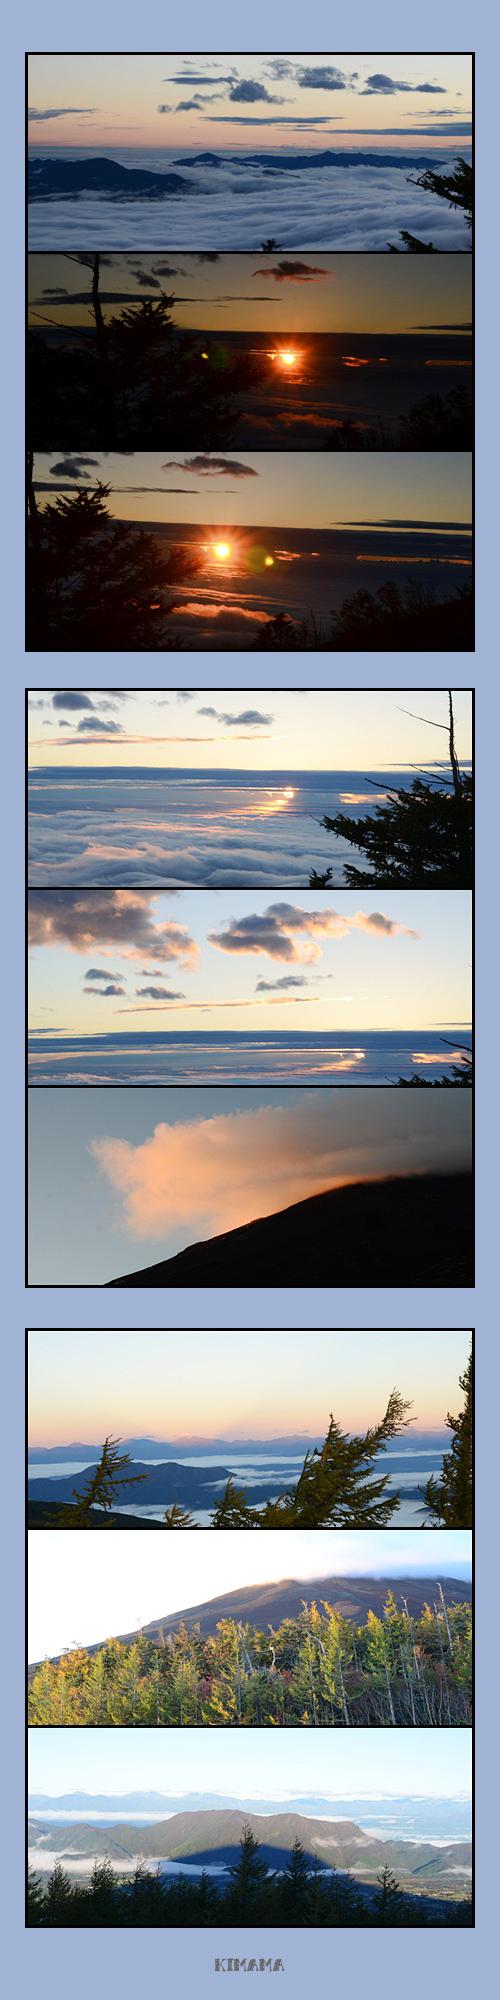 10月21日山中湖2